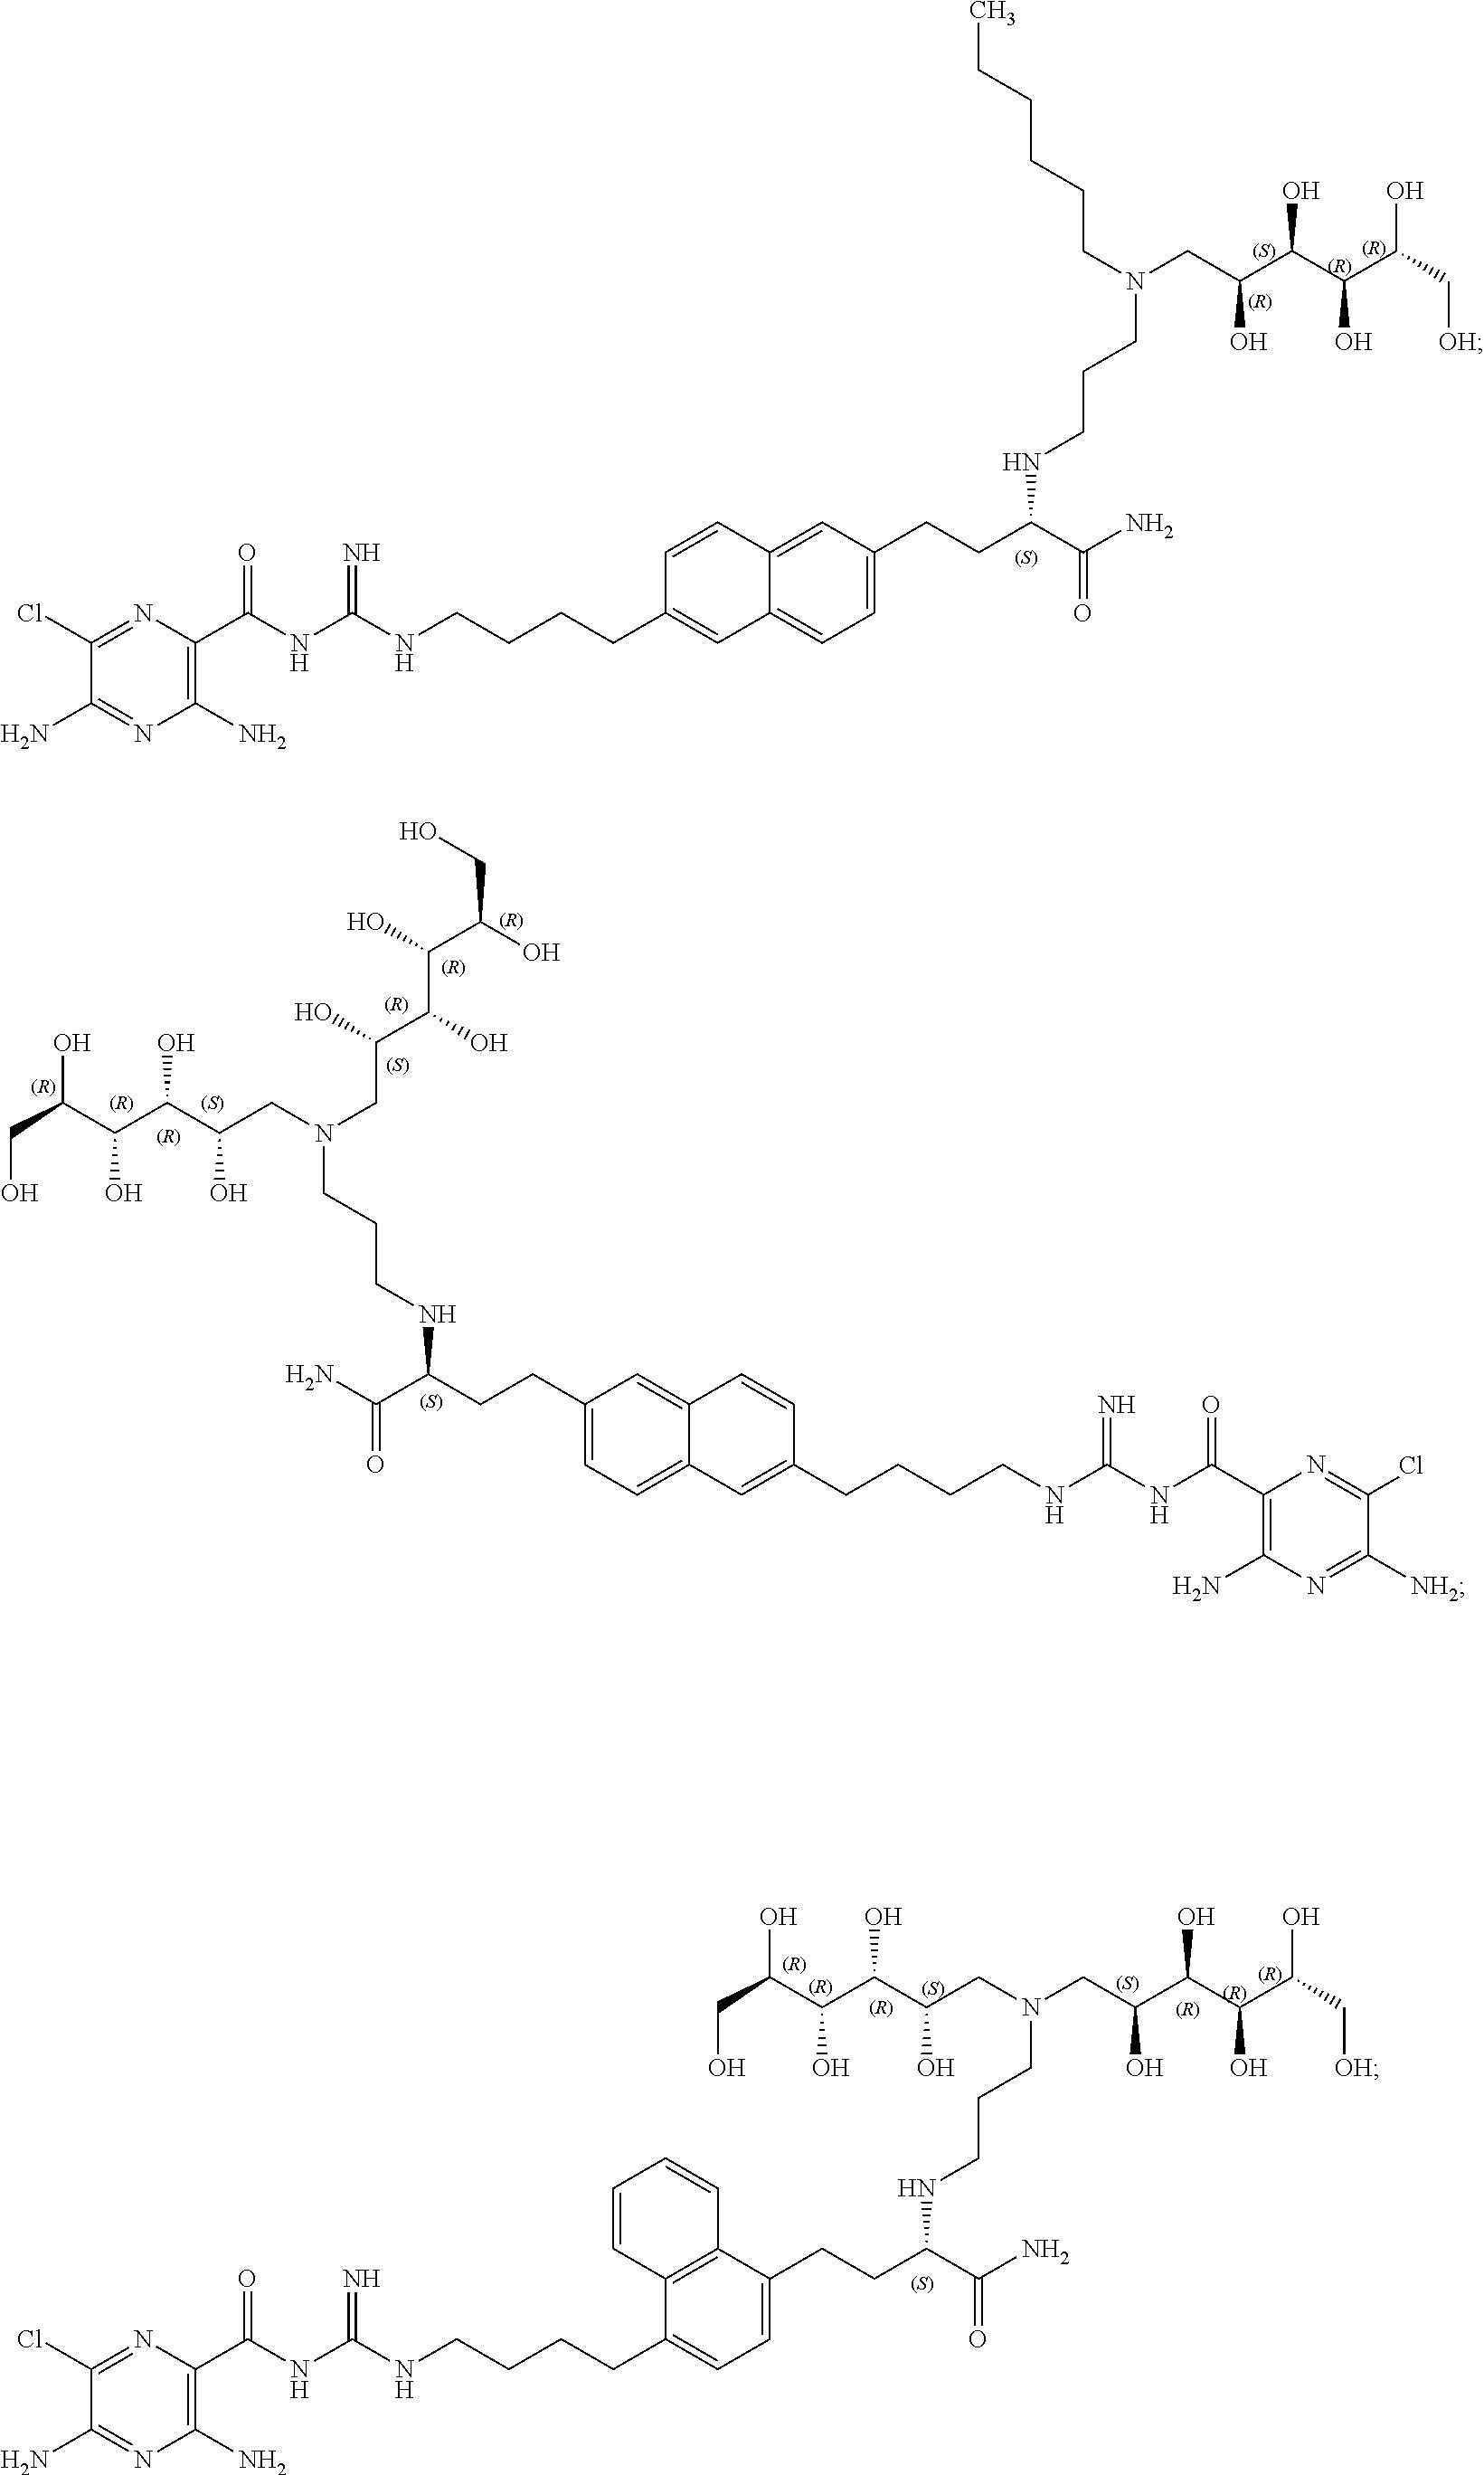 Figure US09695134-20170704-C00075